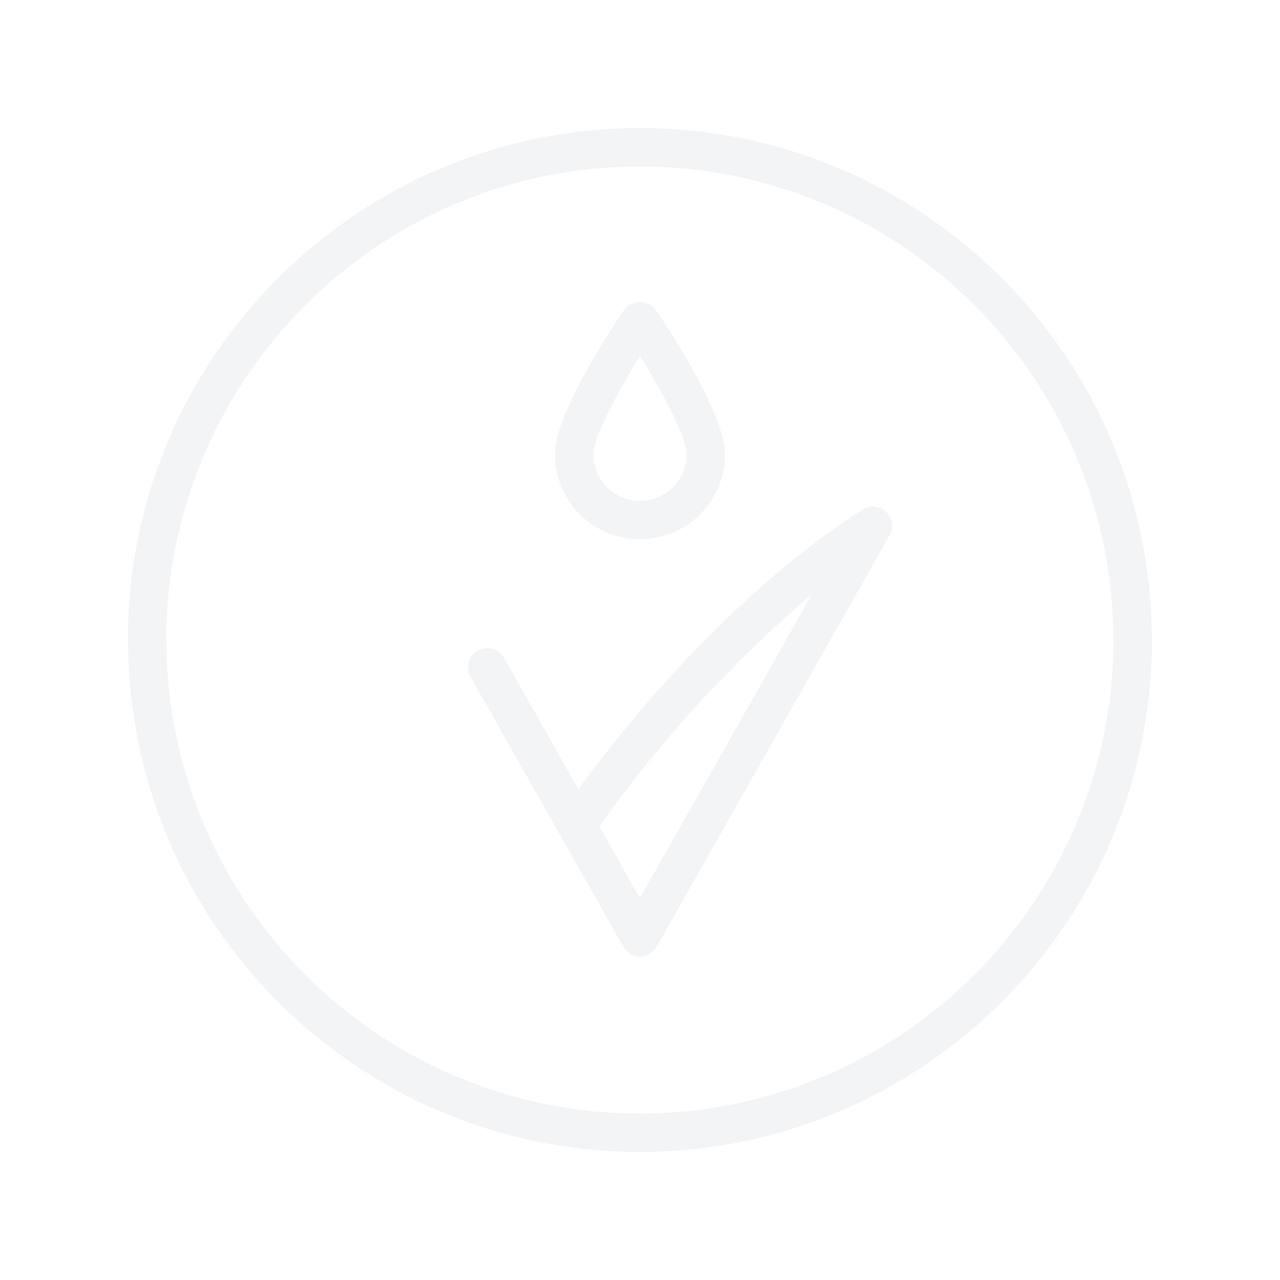 L'OREAL PROFESSIONNEL Source Essentielle Daily Shampoo 300ml